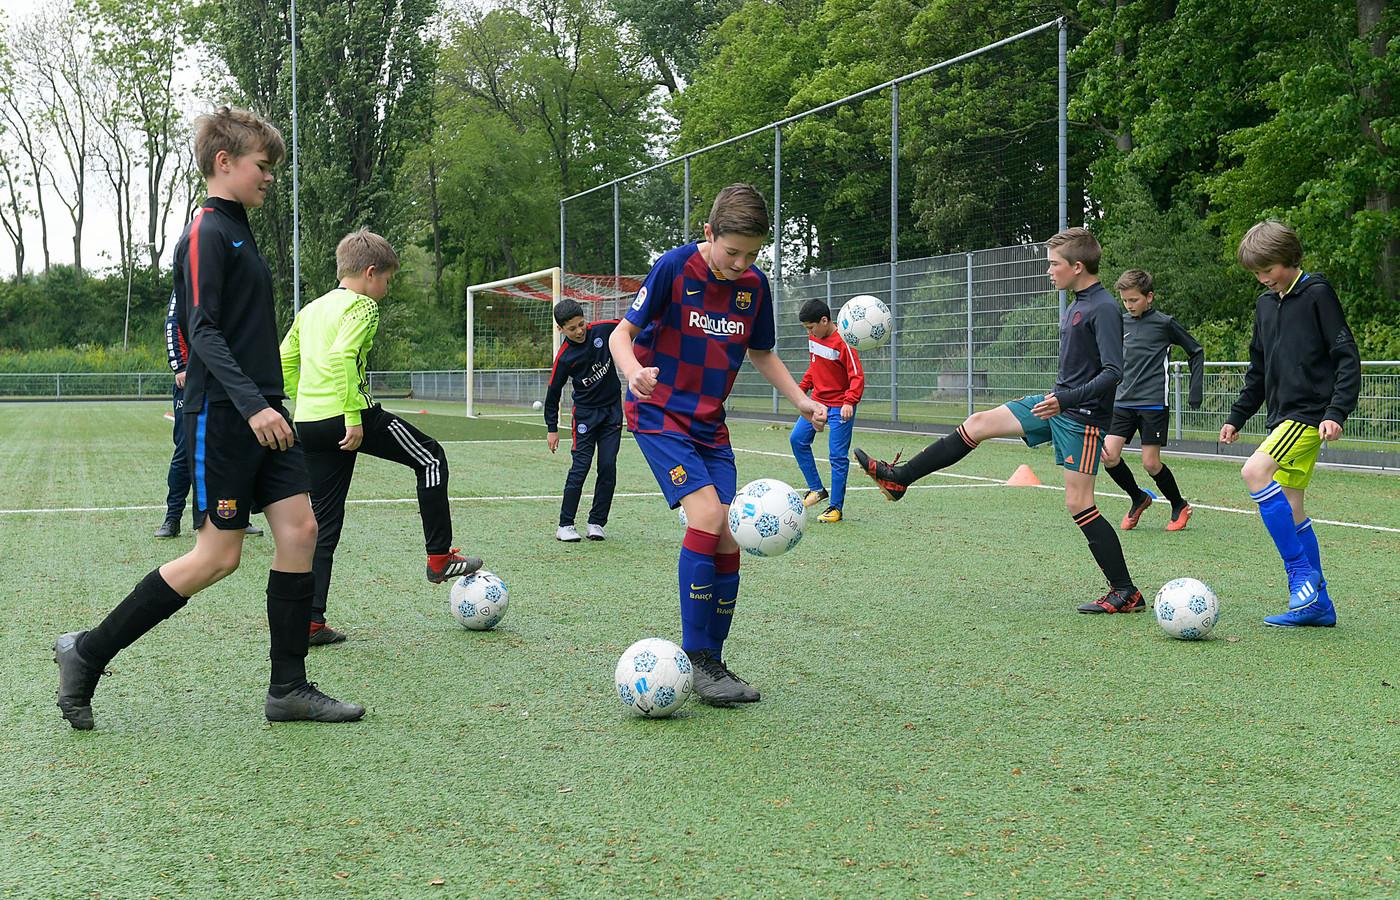 De website 'I want to sport @ Dordt' helpt jongeren een keuze te maken voor een sport. Foto ter illustratie.